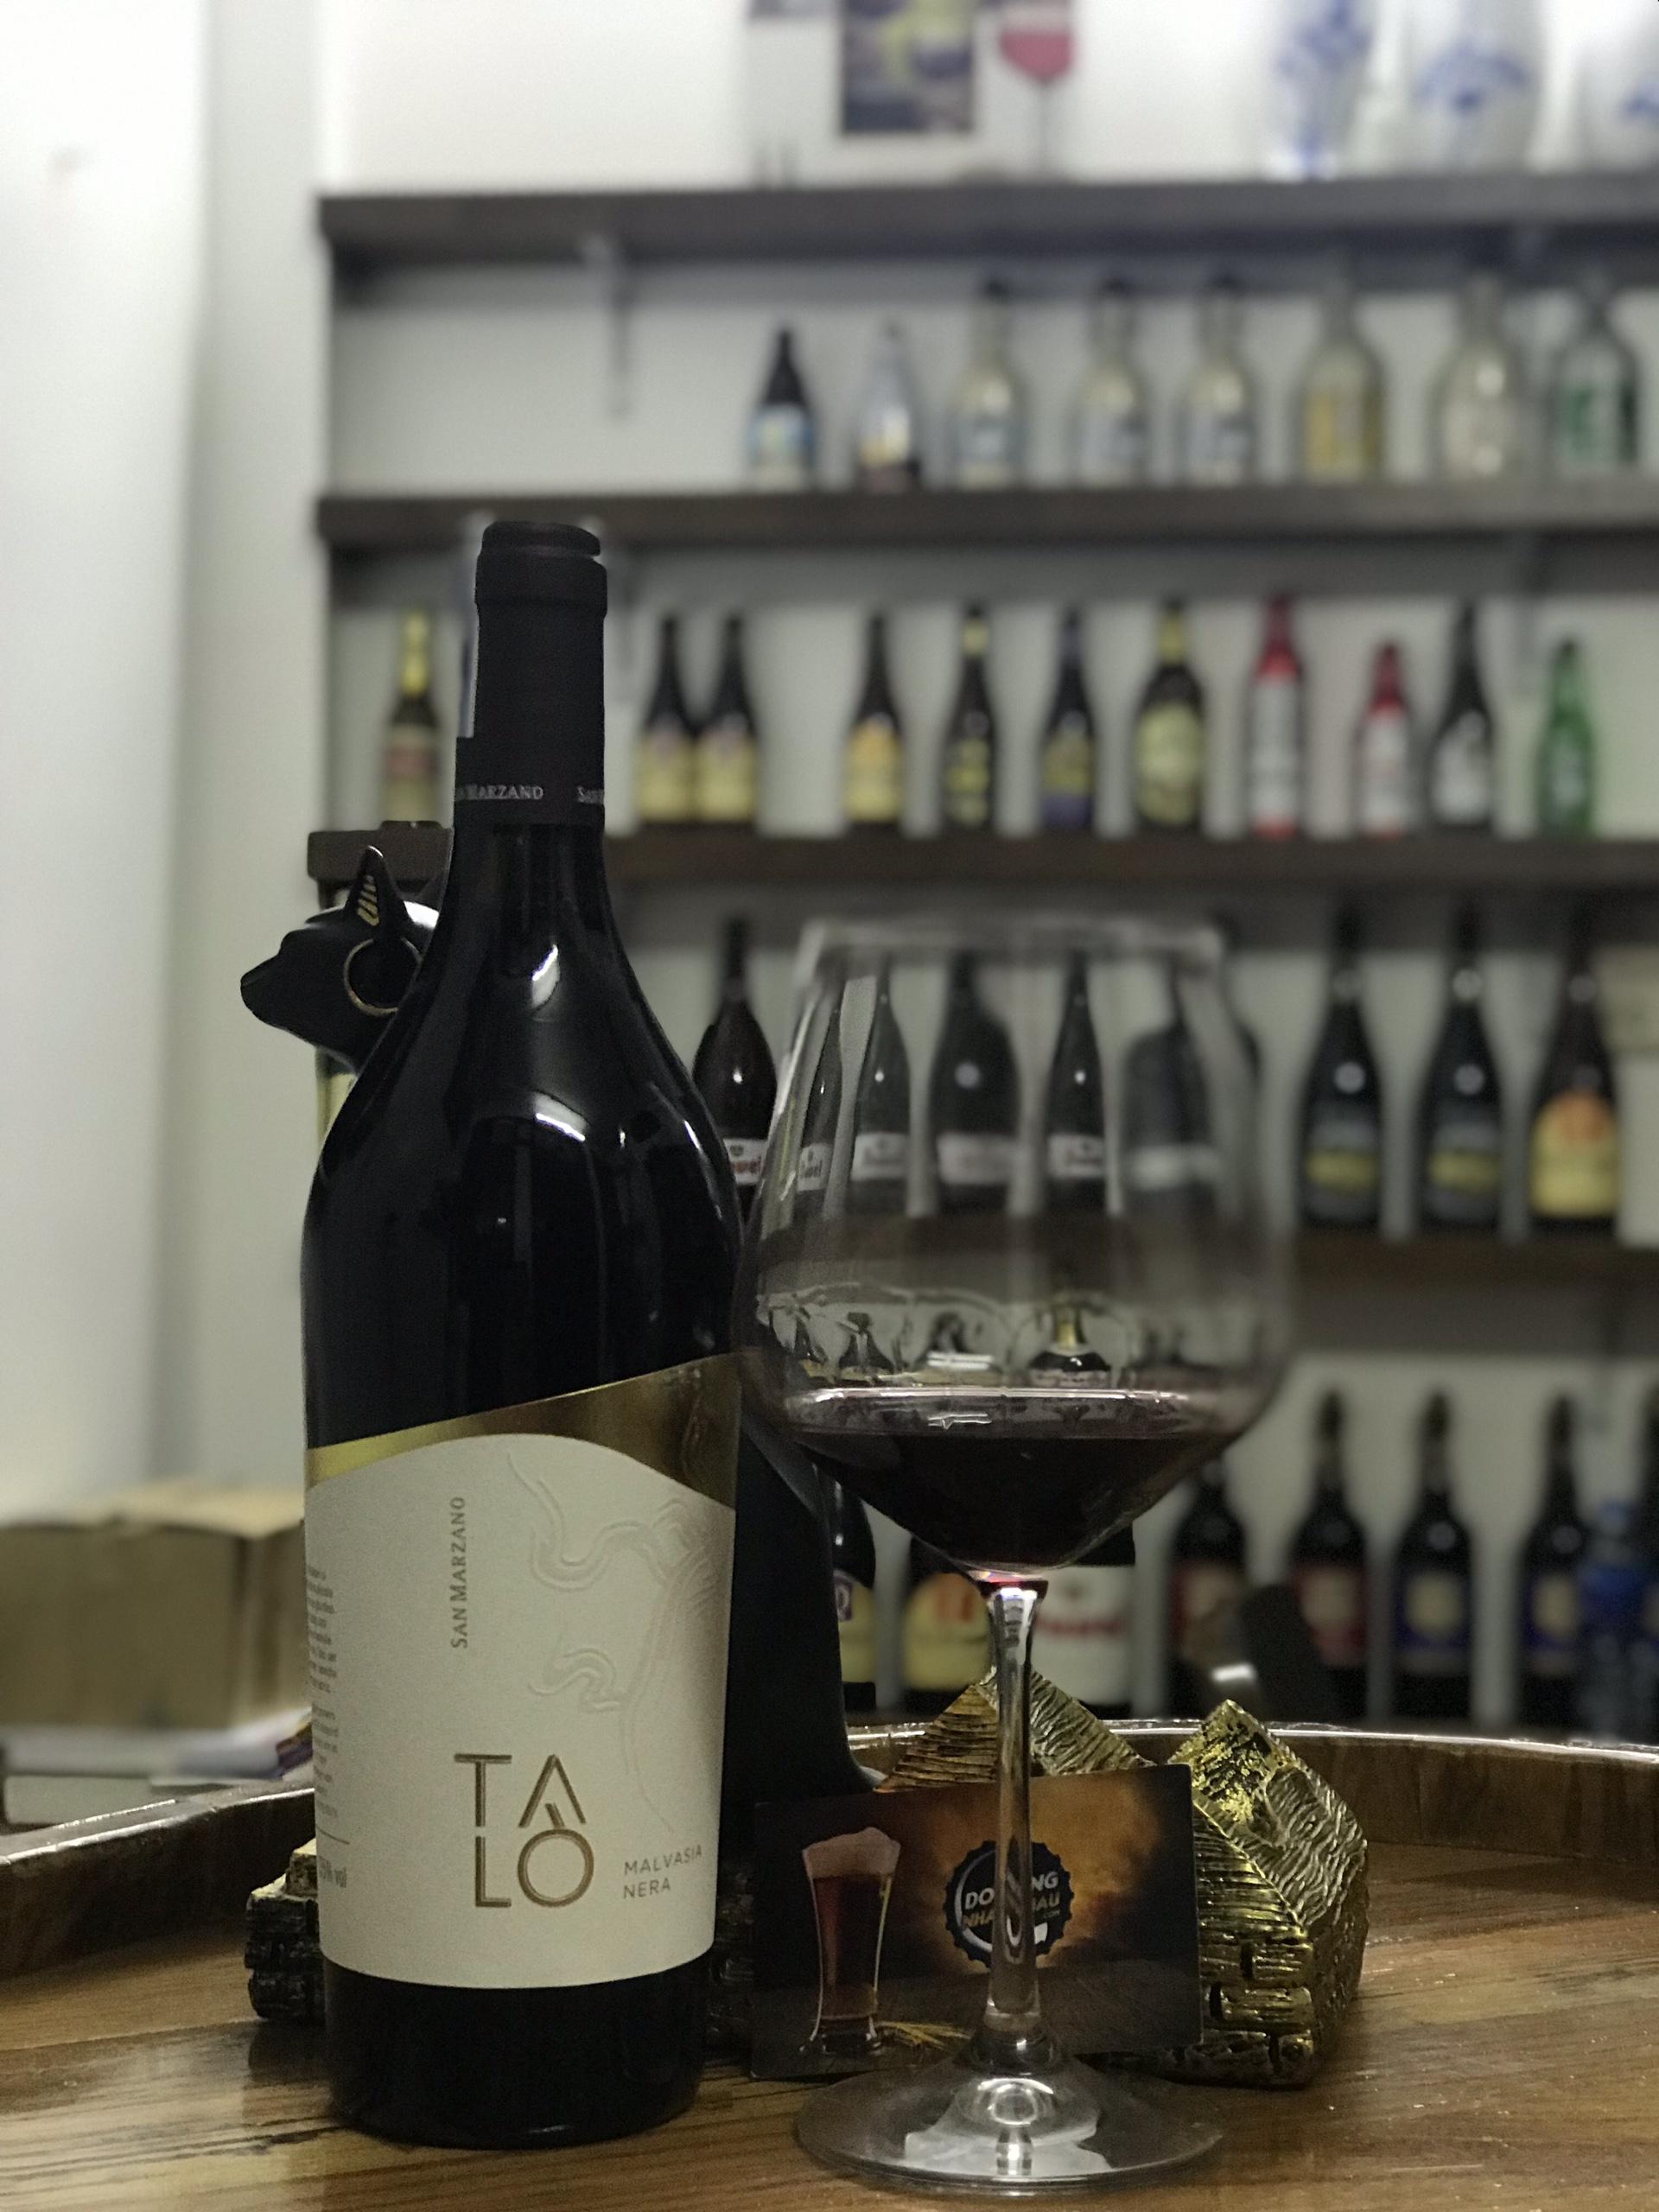 Vang Talo Malvasia Nera là một chai vang ngon của hãng San Marzano